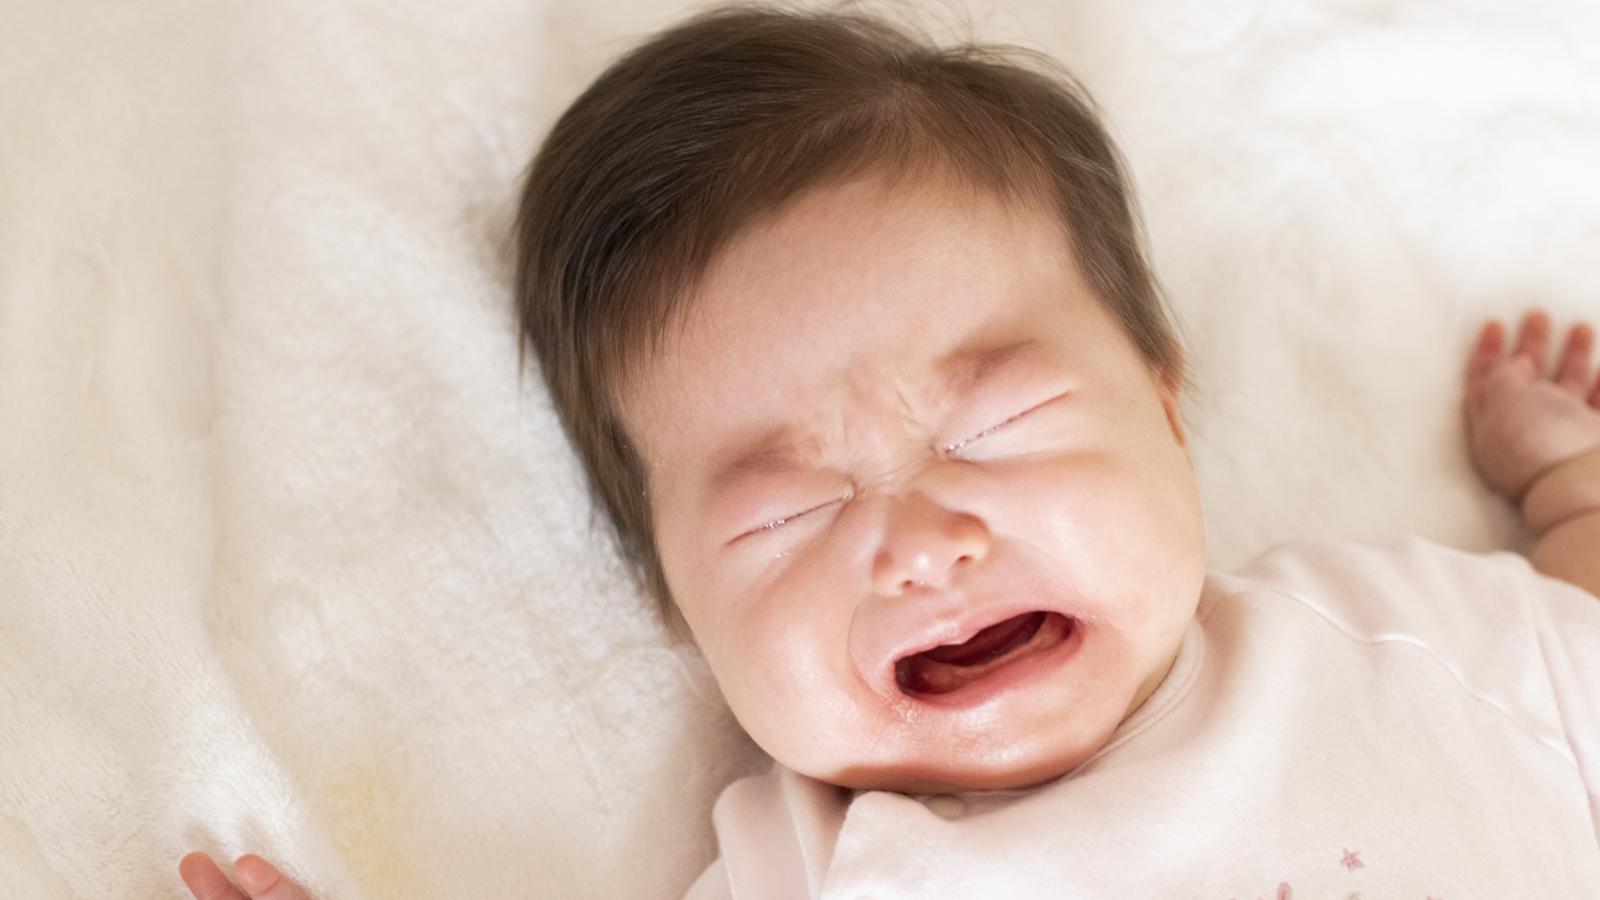 朝の4時や5時に子どもが起きる!超早起きの原因と対策   ぎゅってWeb